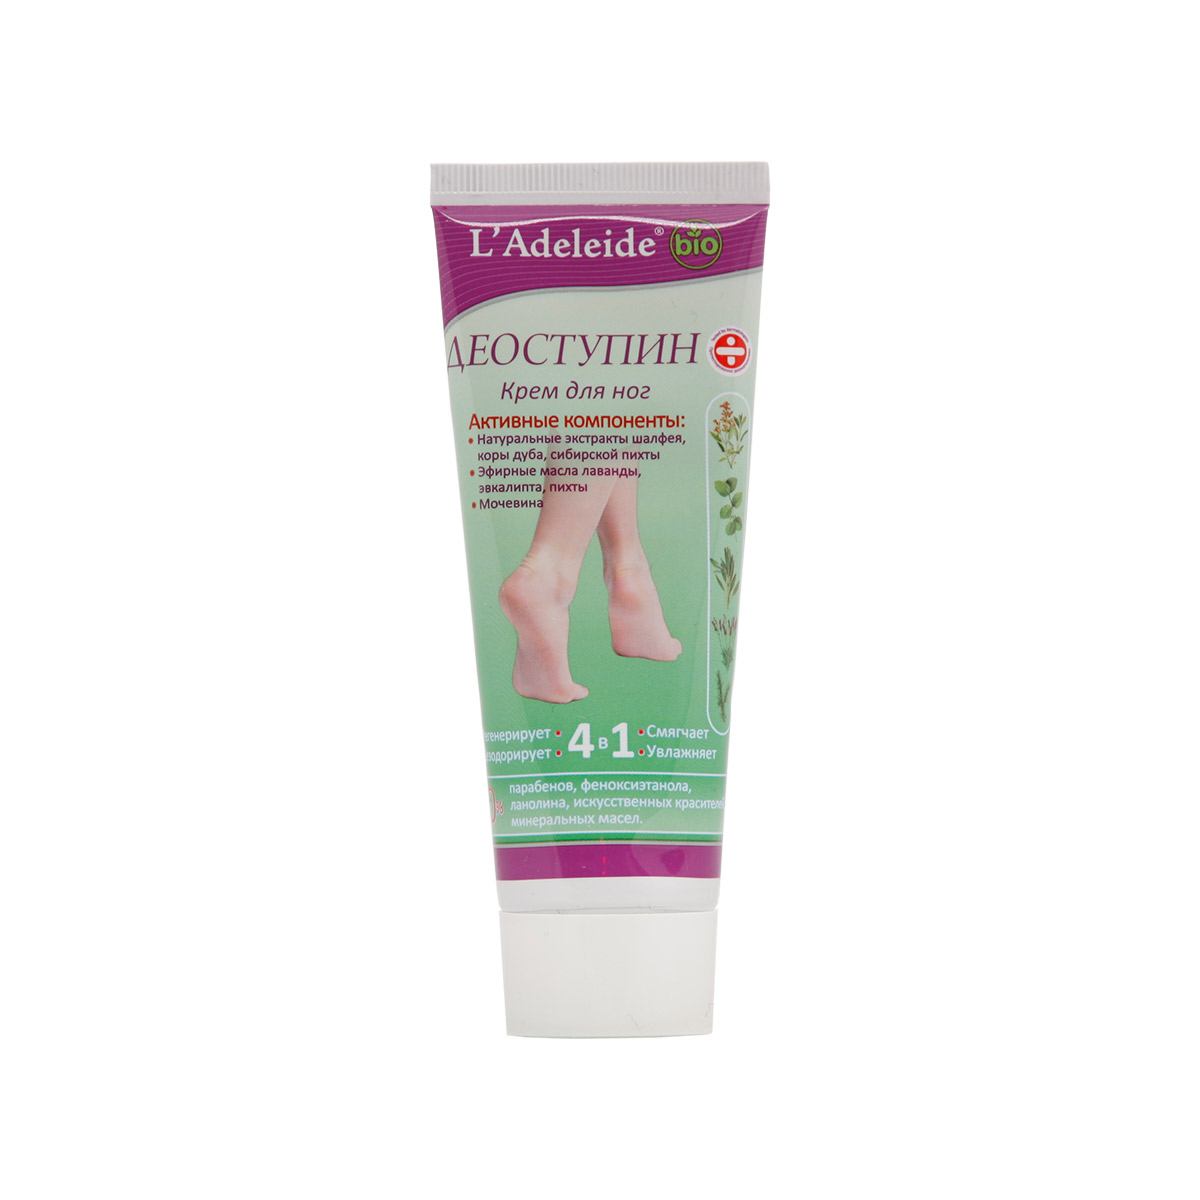 LAdeleide Крем для ног Деоступин, 75 мл1106329972Крем для ног с дезодорирующим эффектом. Косметический крем для ног Деоступин - идеальное средство для ухода за сухой, потрескавшейся кожей ног. Быстро впитывается, эффективно смягчает, глубоко питает и увлажняет. Придает коже гладкость, упругость и эластичность. Активные компоненты: Натуральные экстракты шалфея, коры дуба, сибирской пихты. Эфирные масла лаванды, эвкалипта, пихты.